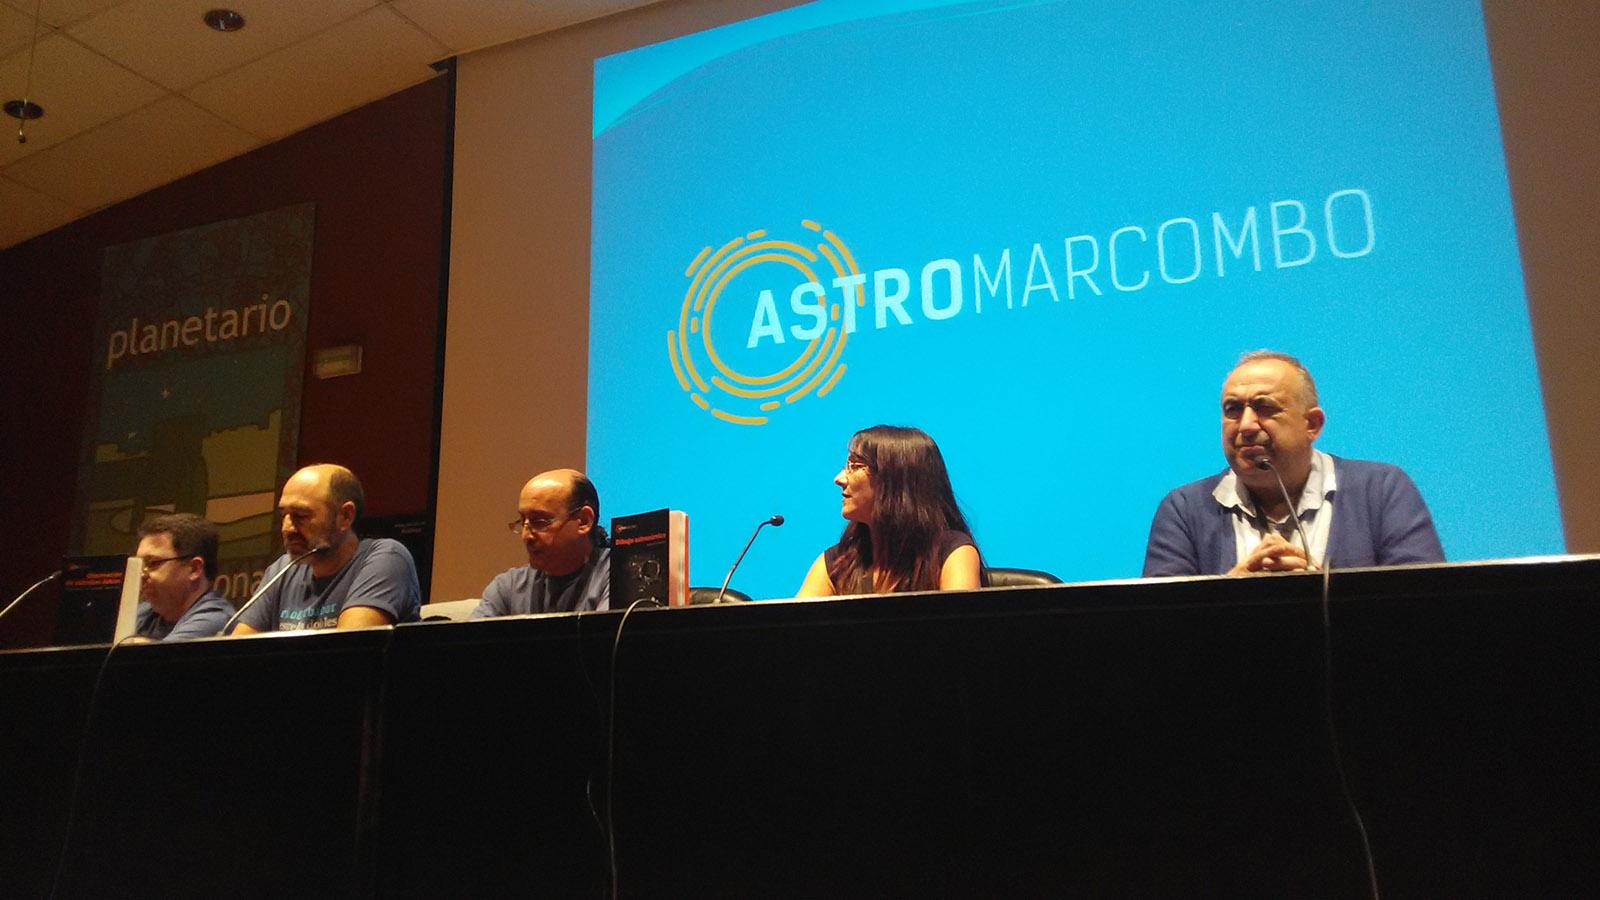 Presentación de los libros de la colección de AstroMarcombo.